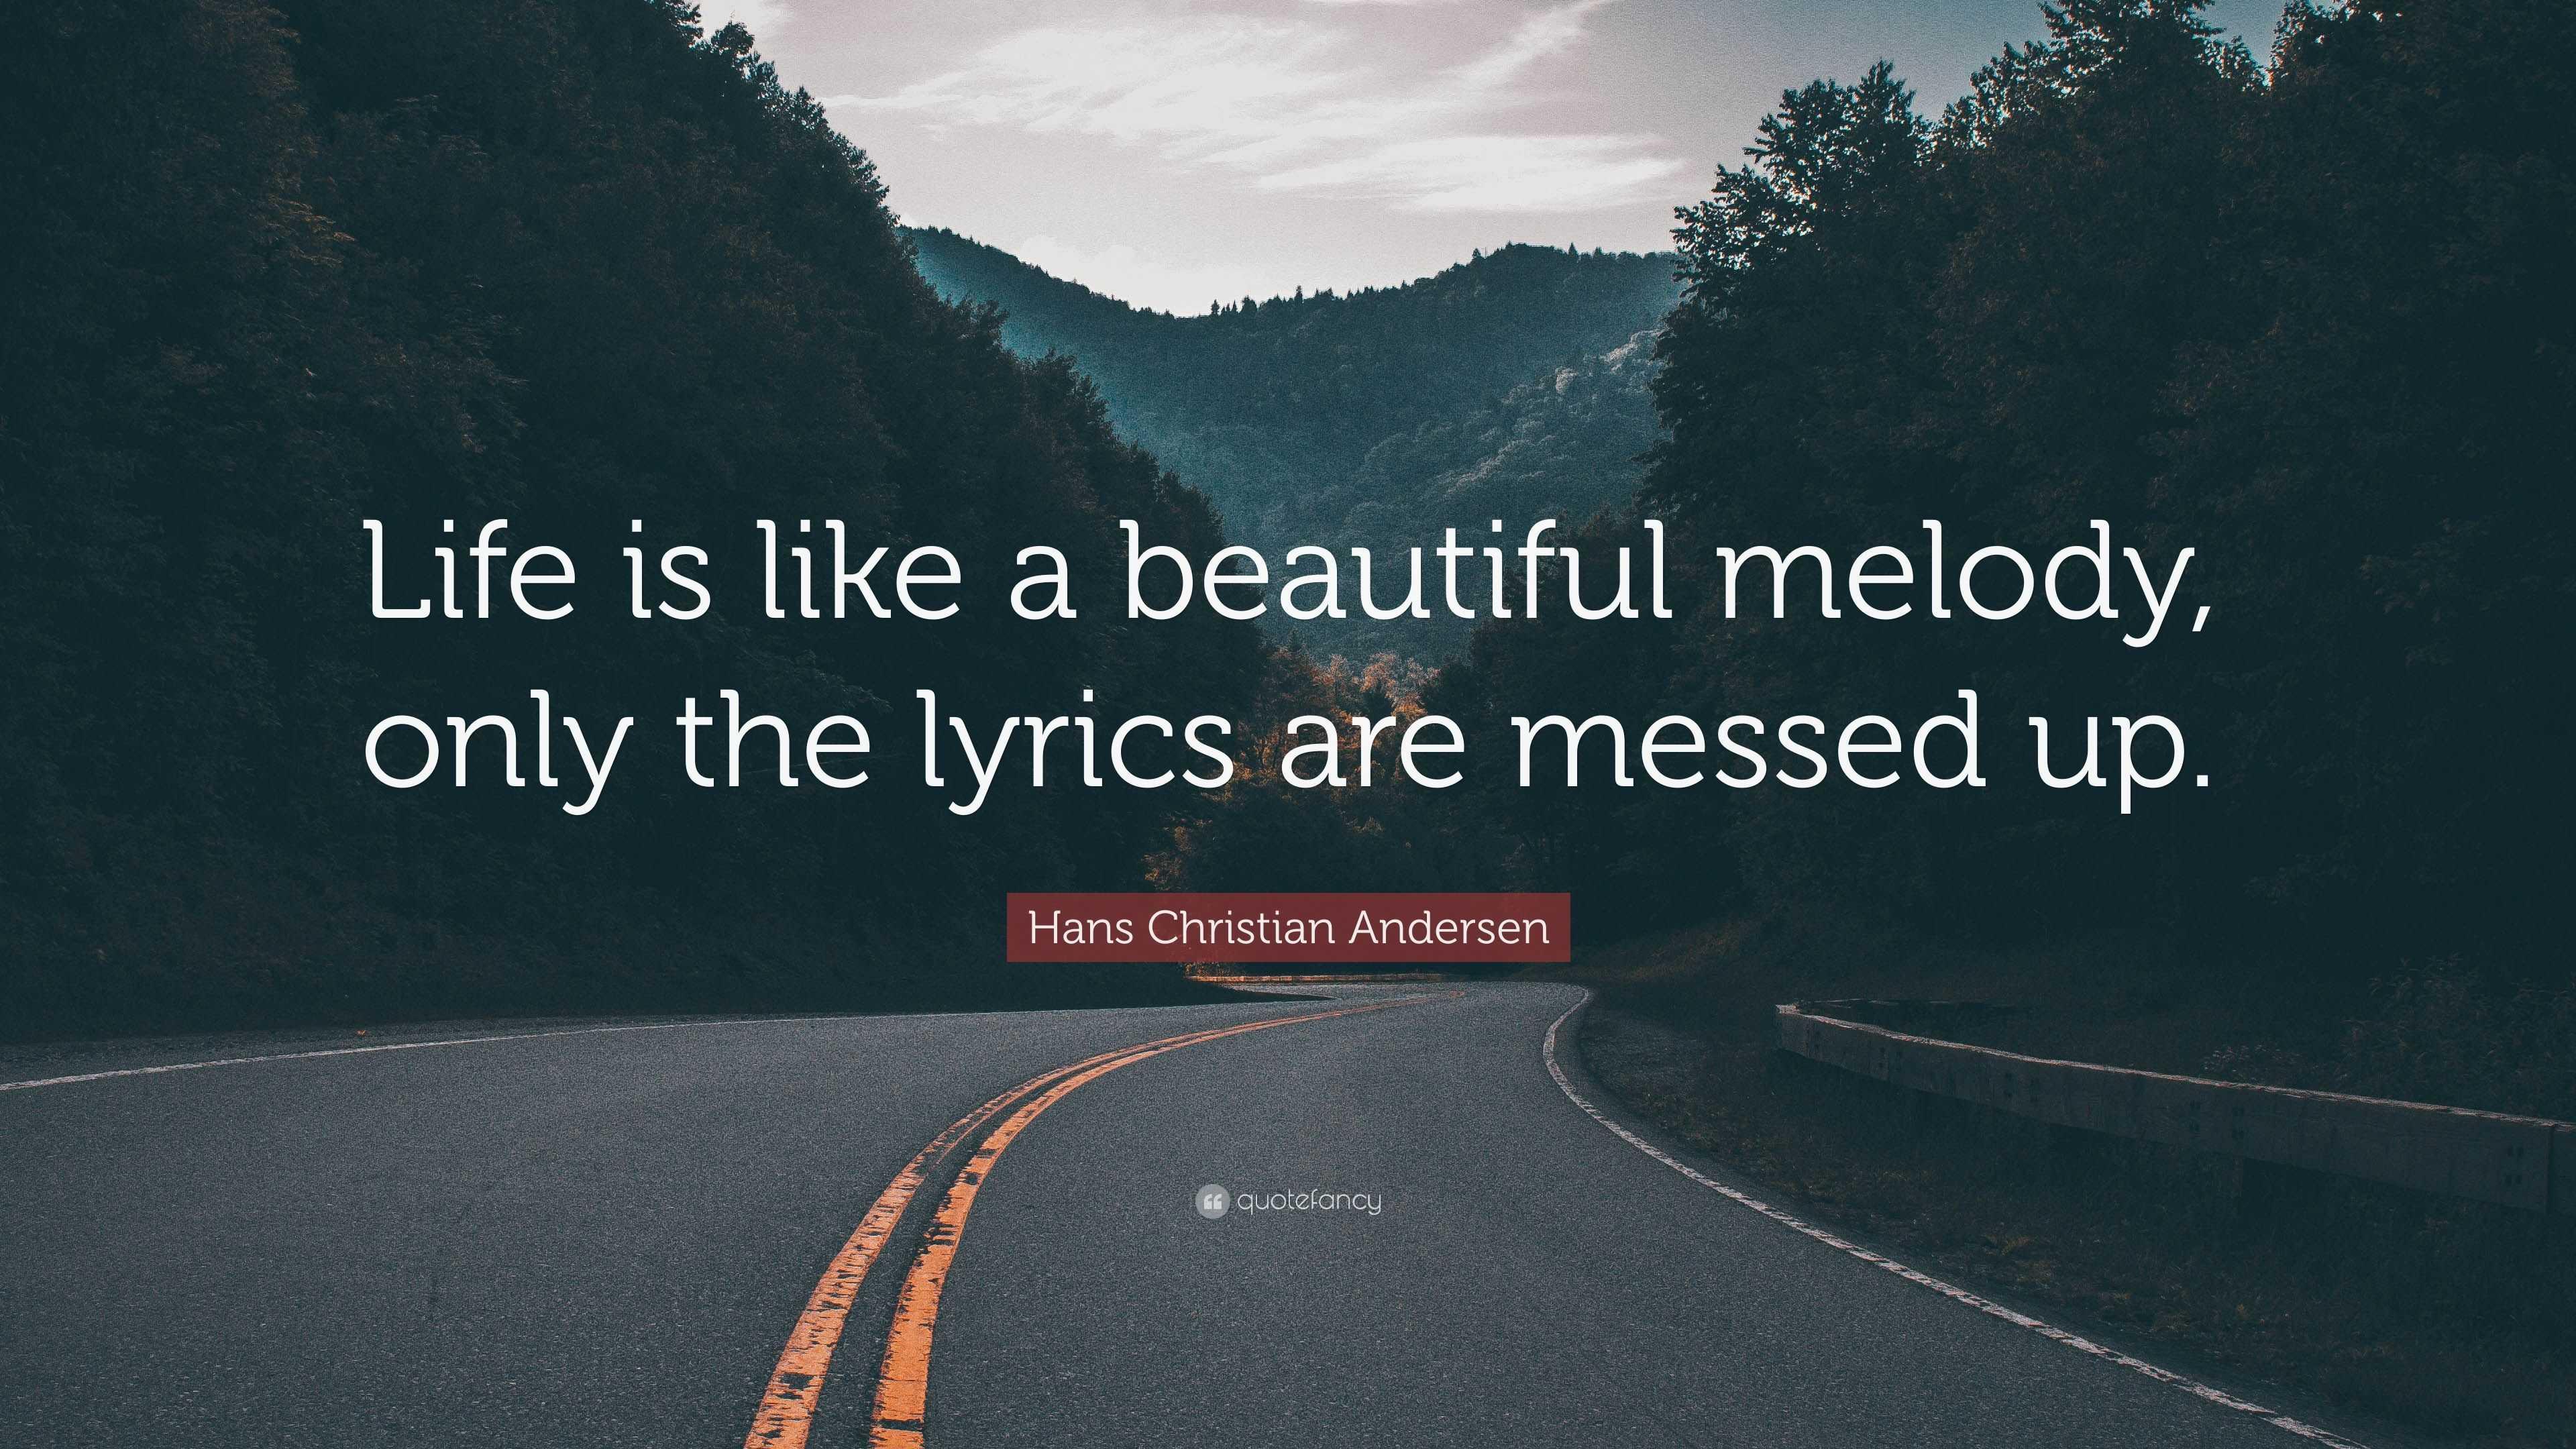 A Beautiful Melody